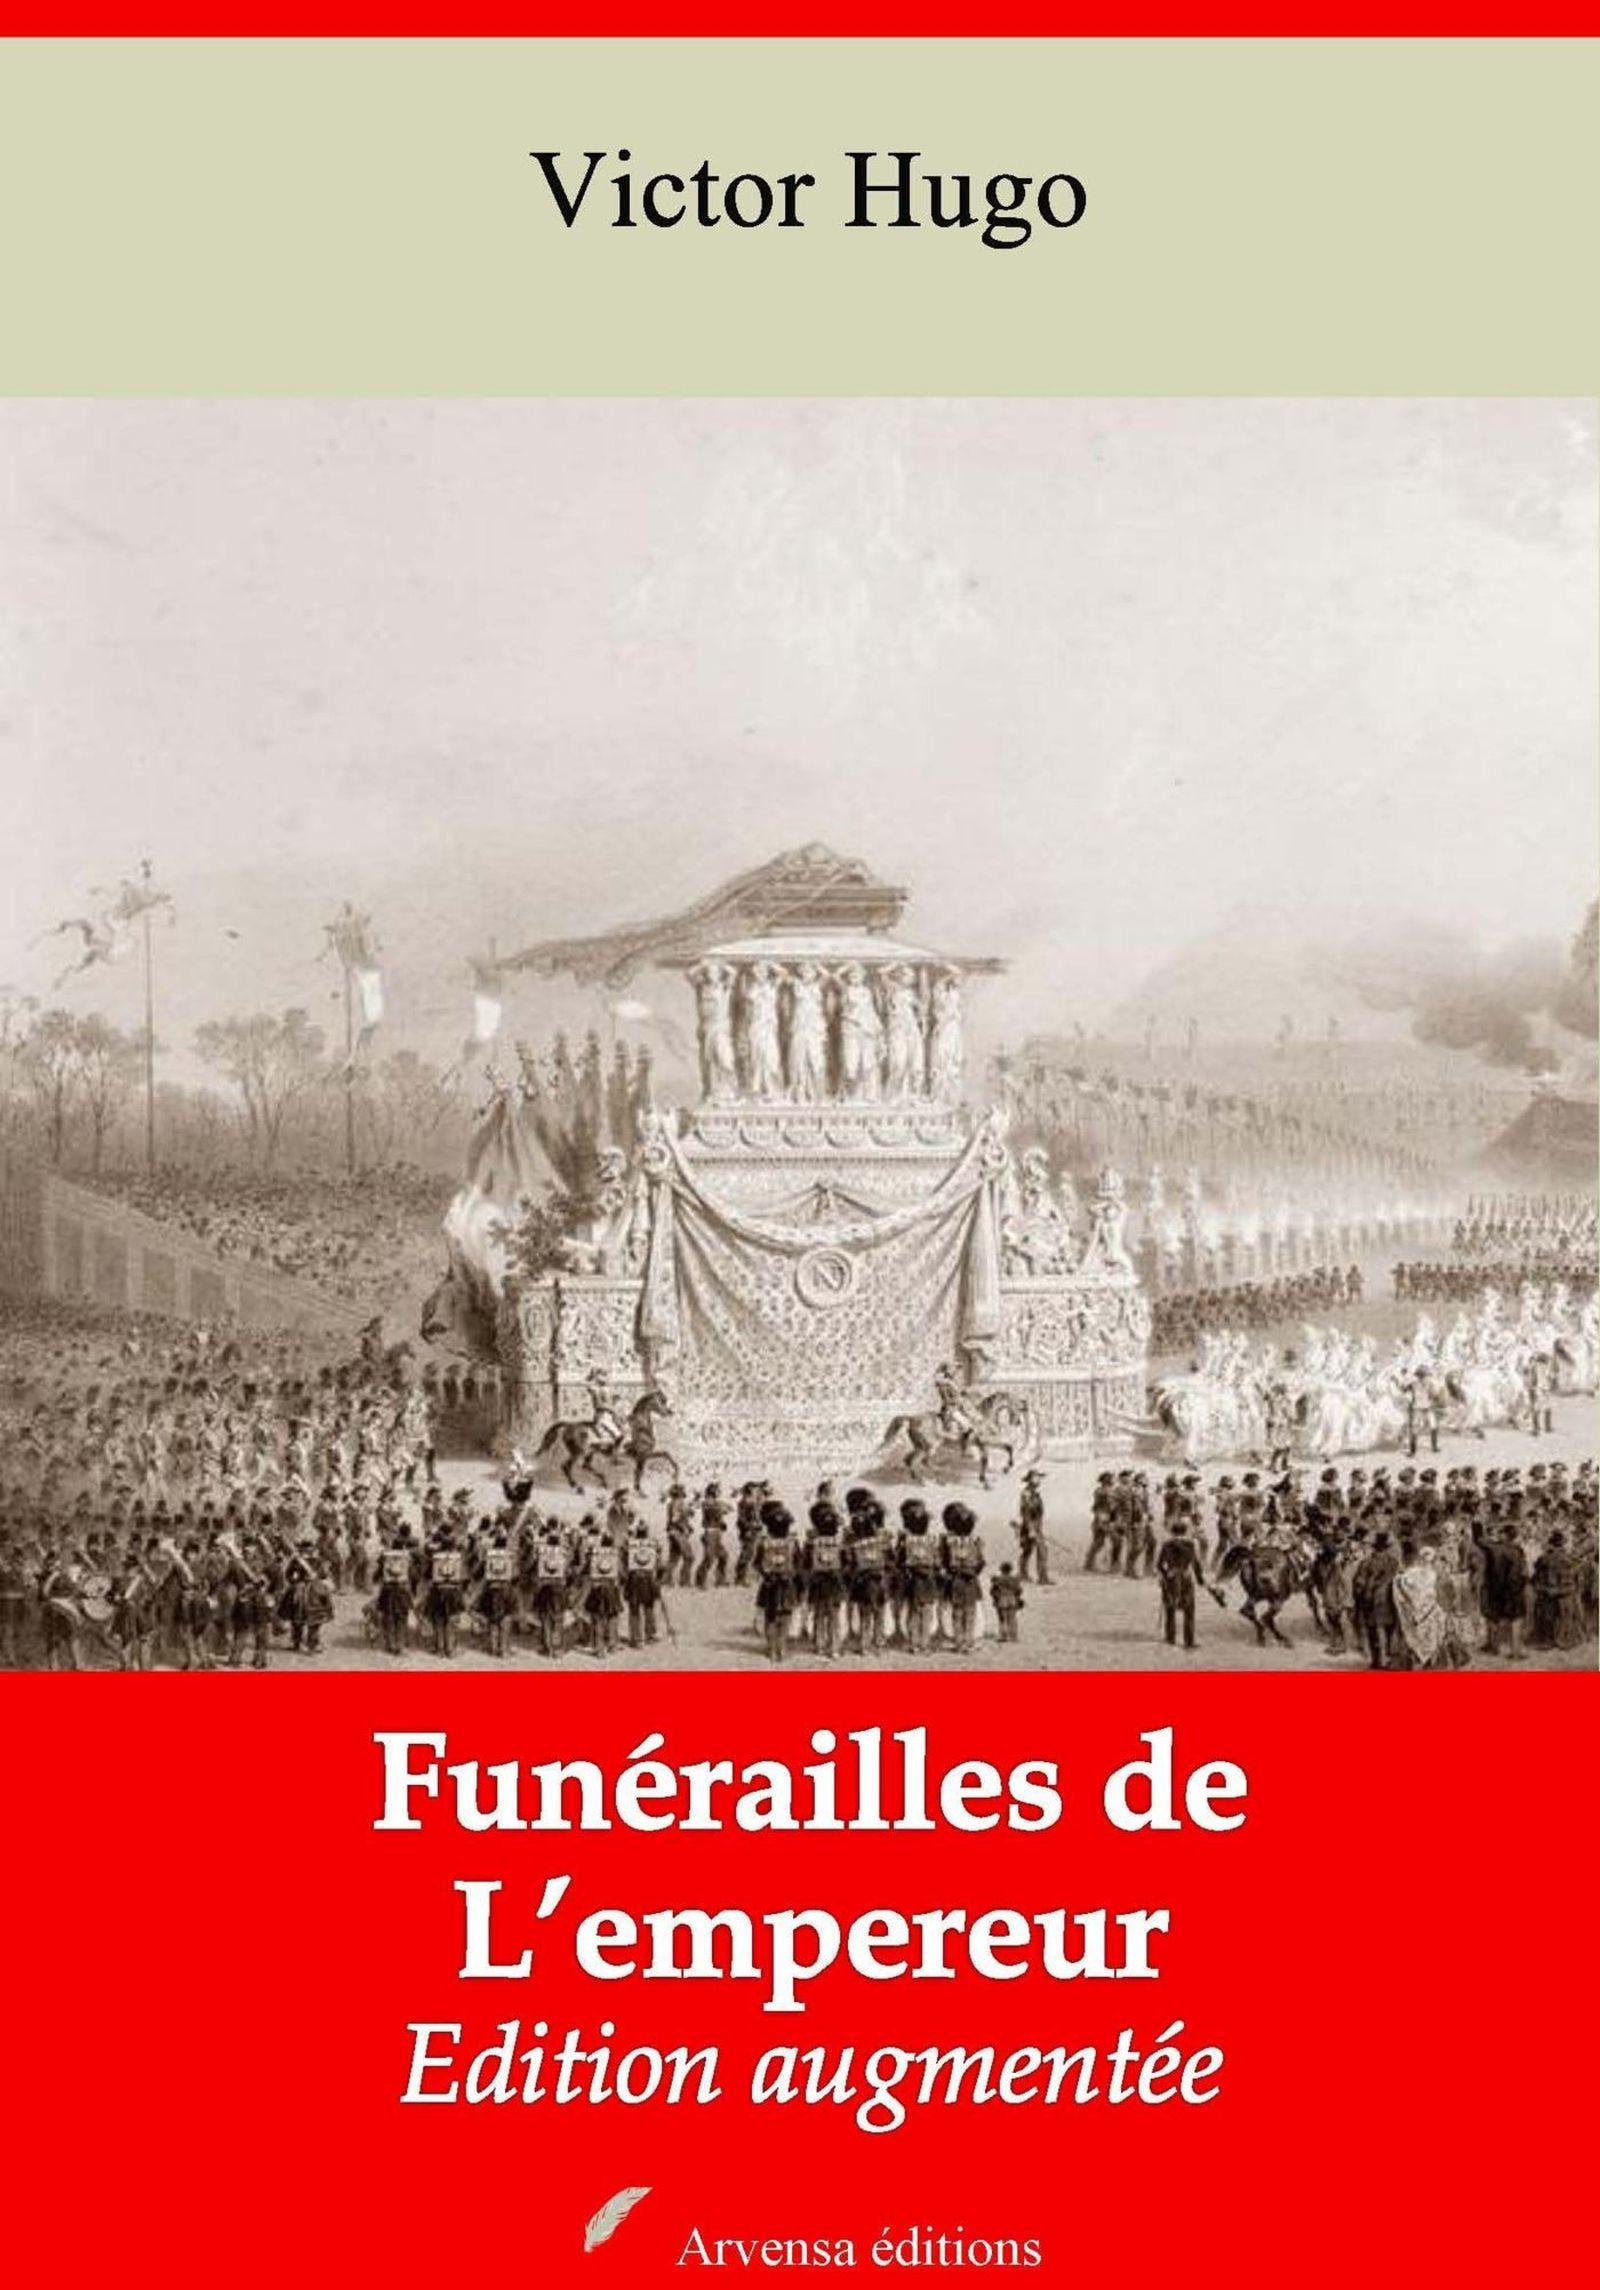 Funérailles de l´Empereur - suivi d'annexes  - Victor Hugo (1802-1885)